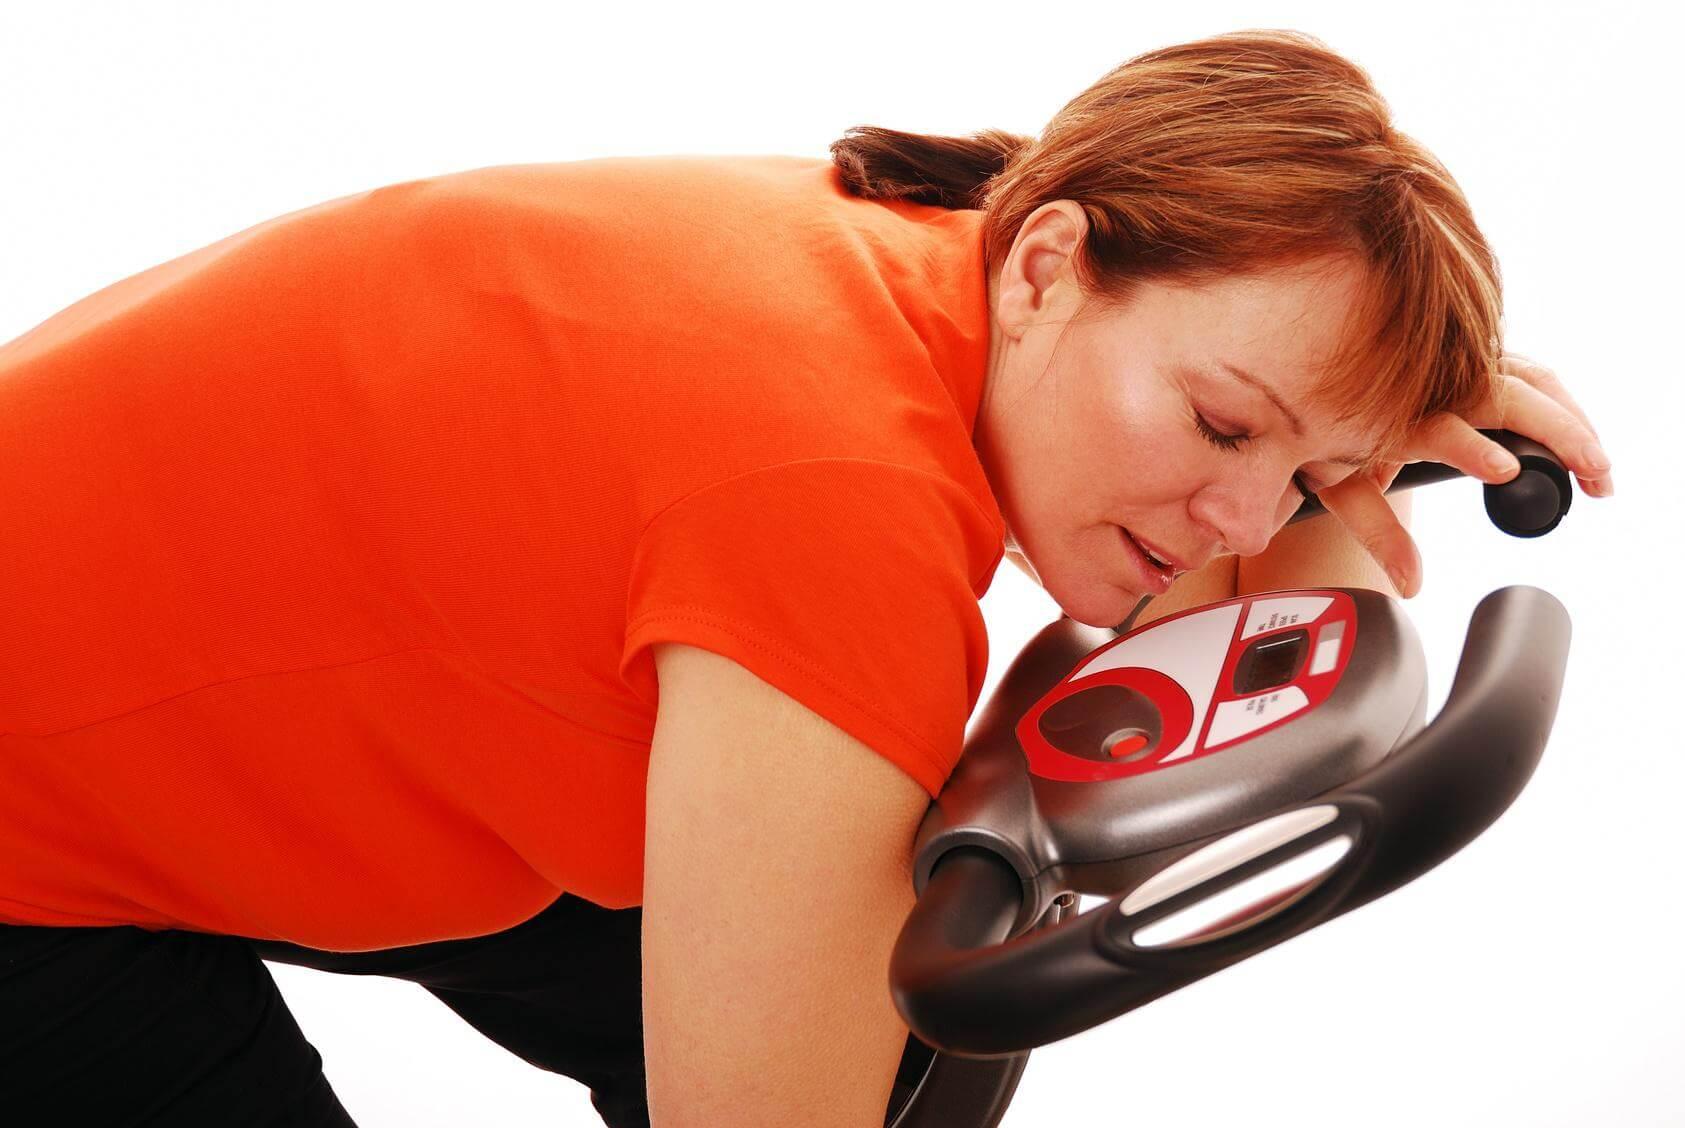 Telovadba in hujšanje – zakaj pretiravanje s športom redi